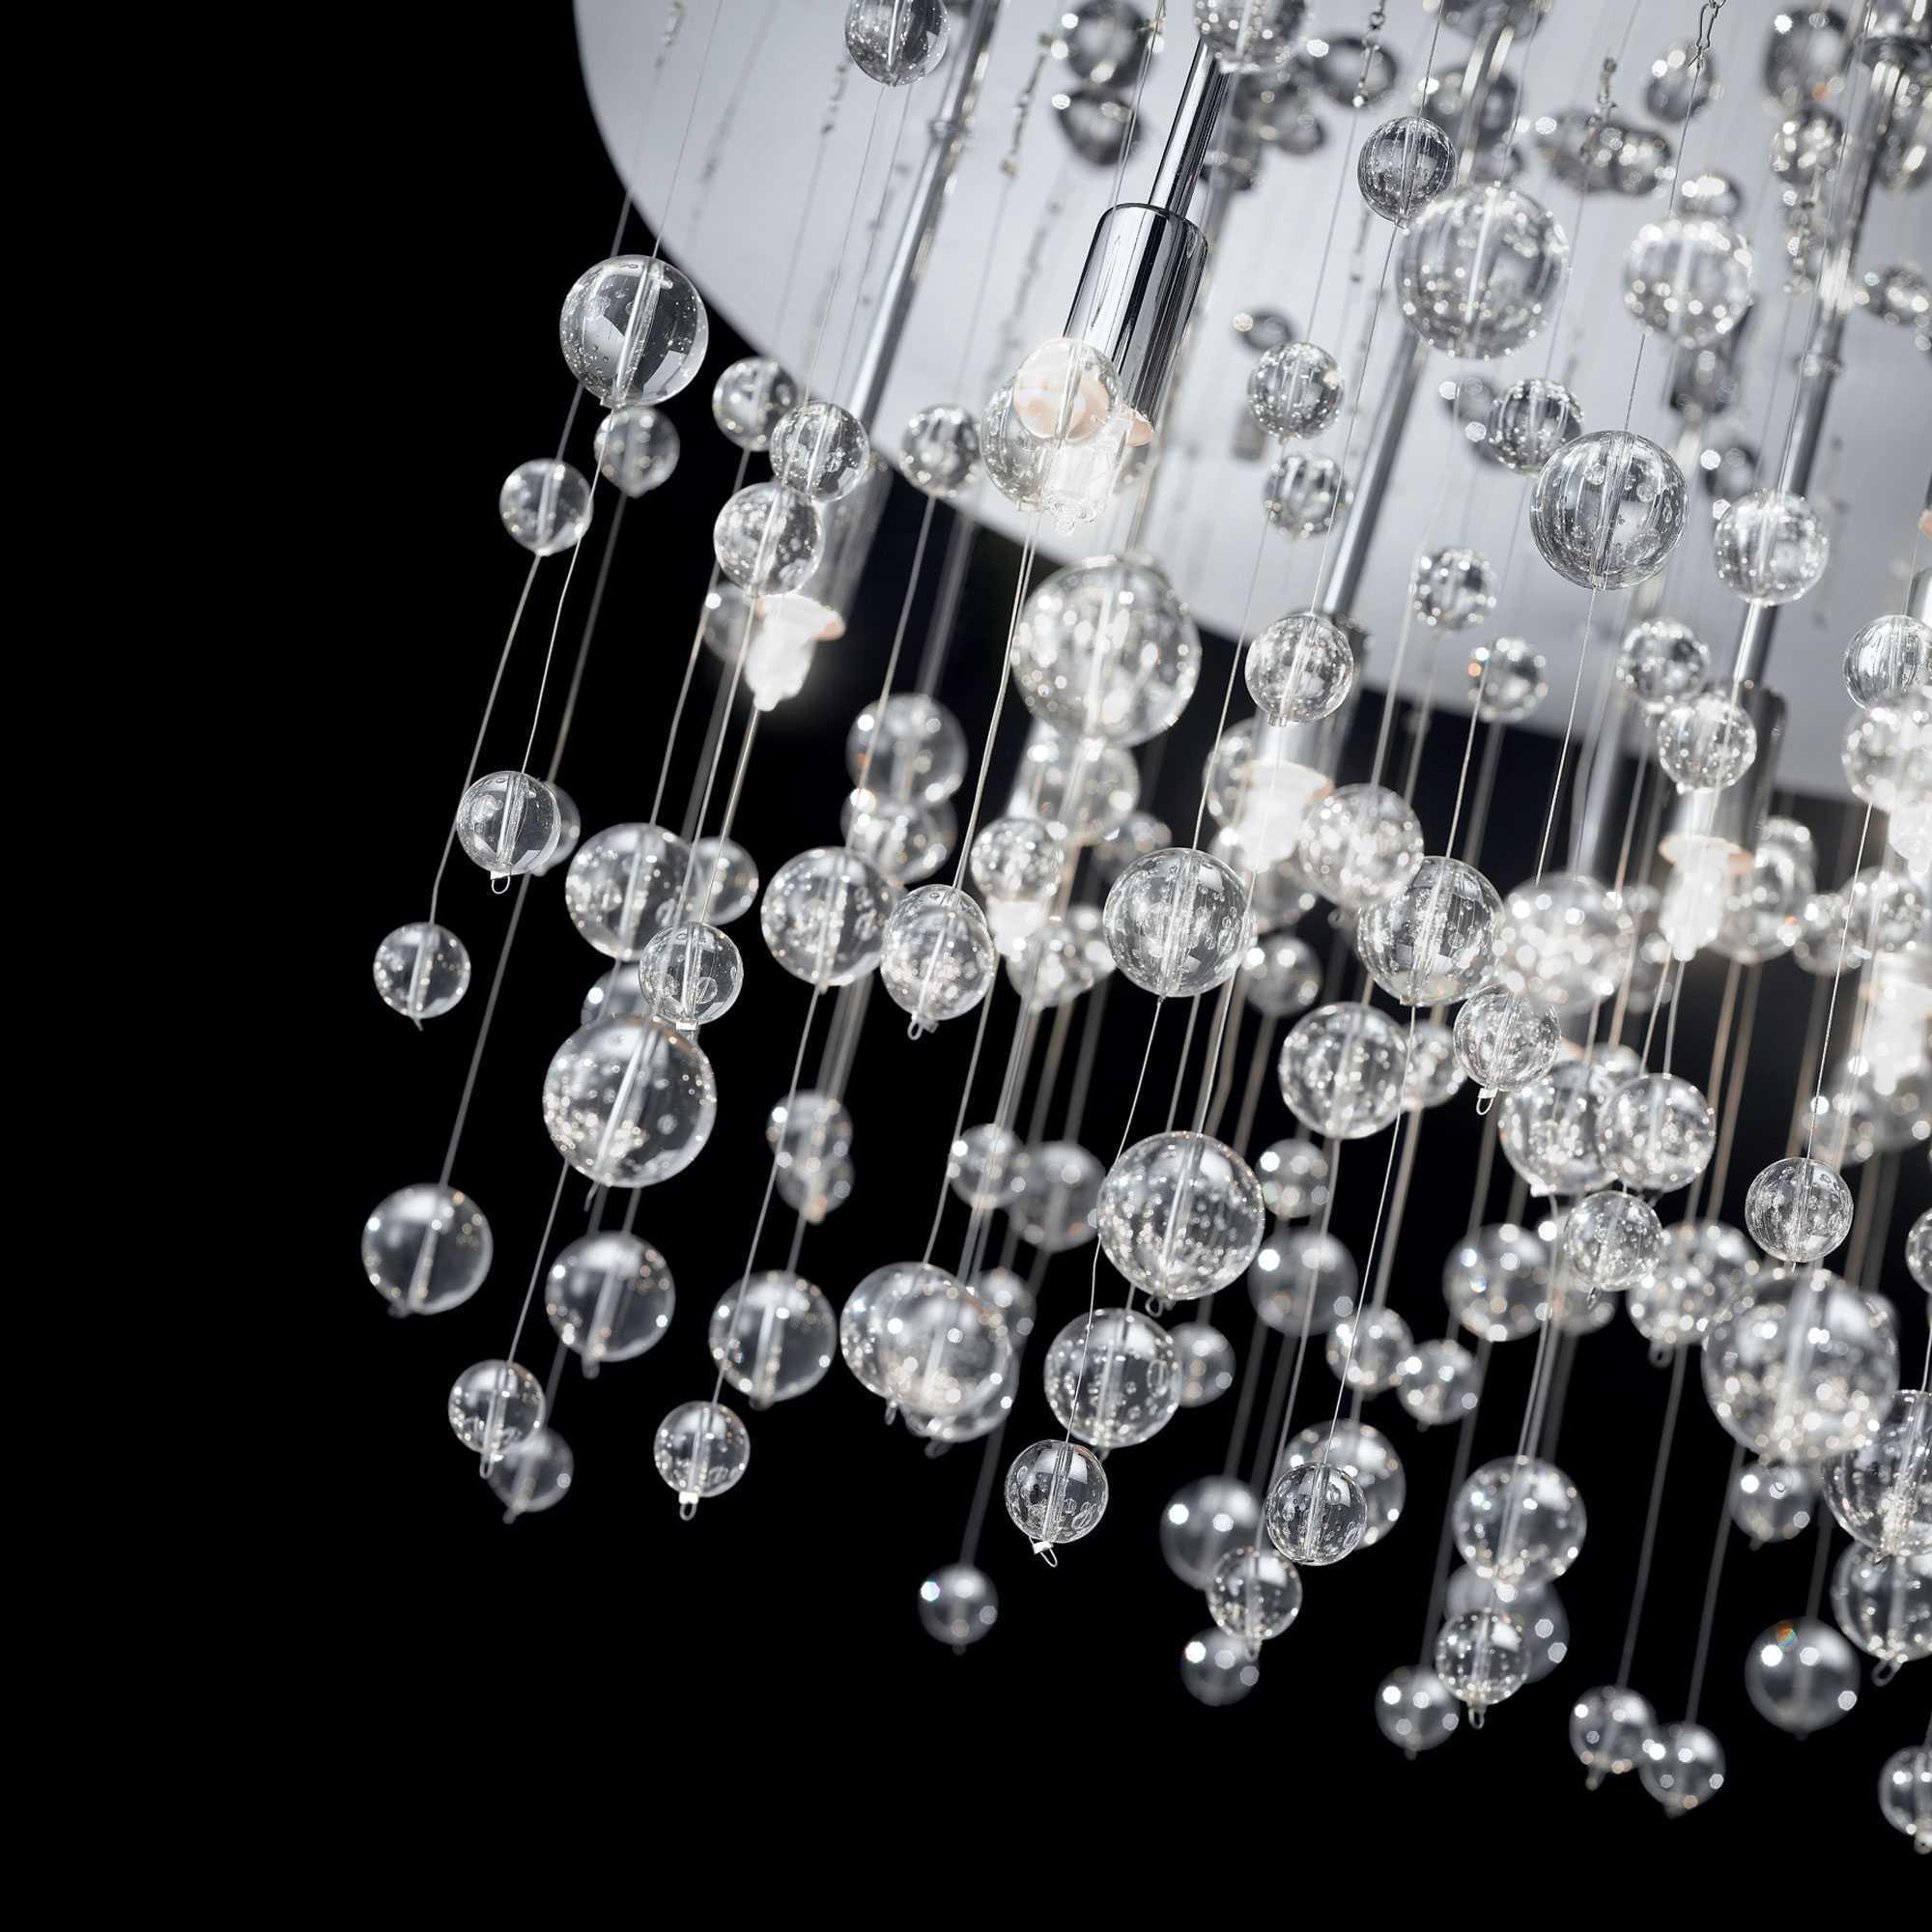 Люстра-каскад Ideal Lux NEVE PL8 CROMO 022222, 8xG9x40W, хром, прозрачный, металл, стекло - фото 2